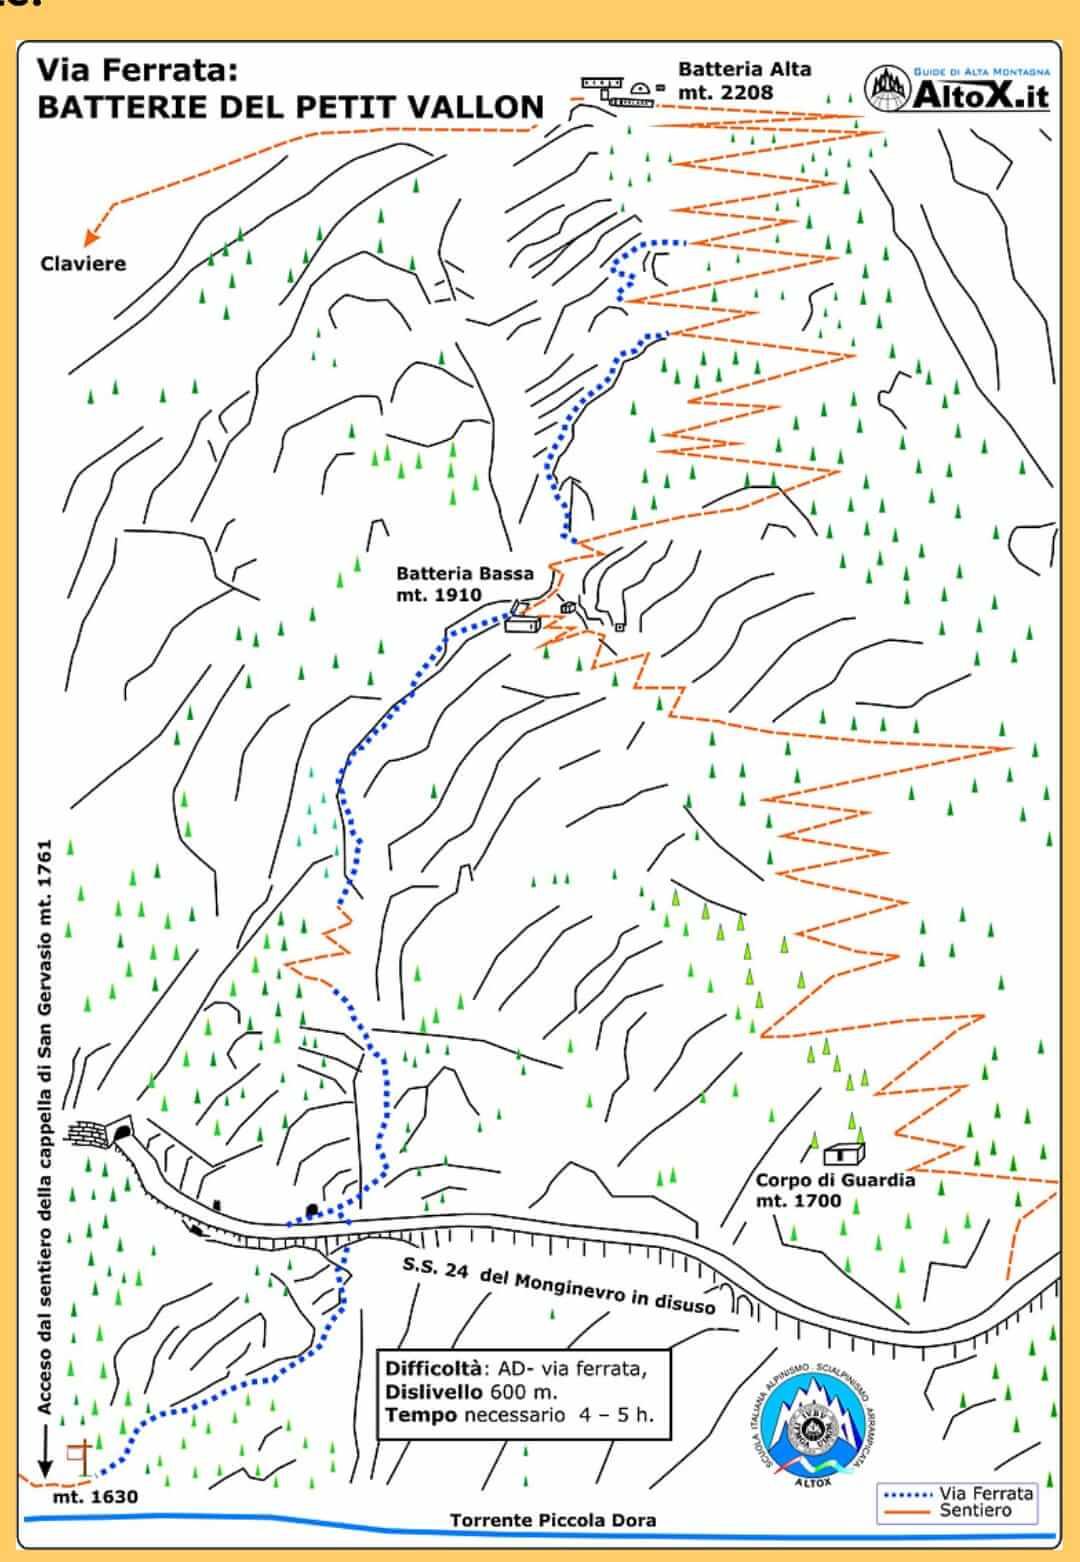 Ferrata Chaberton Mappa Altox